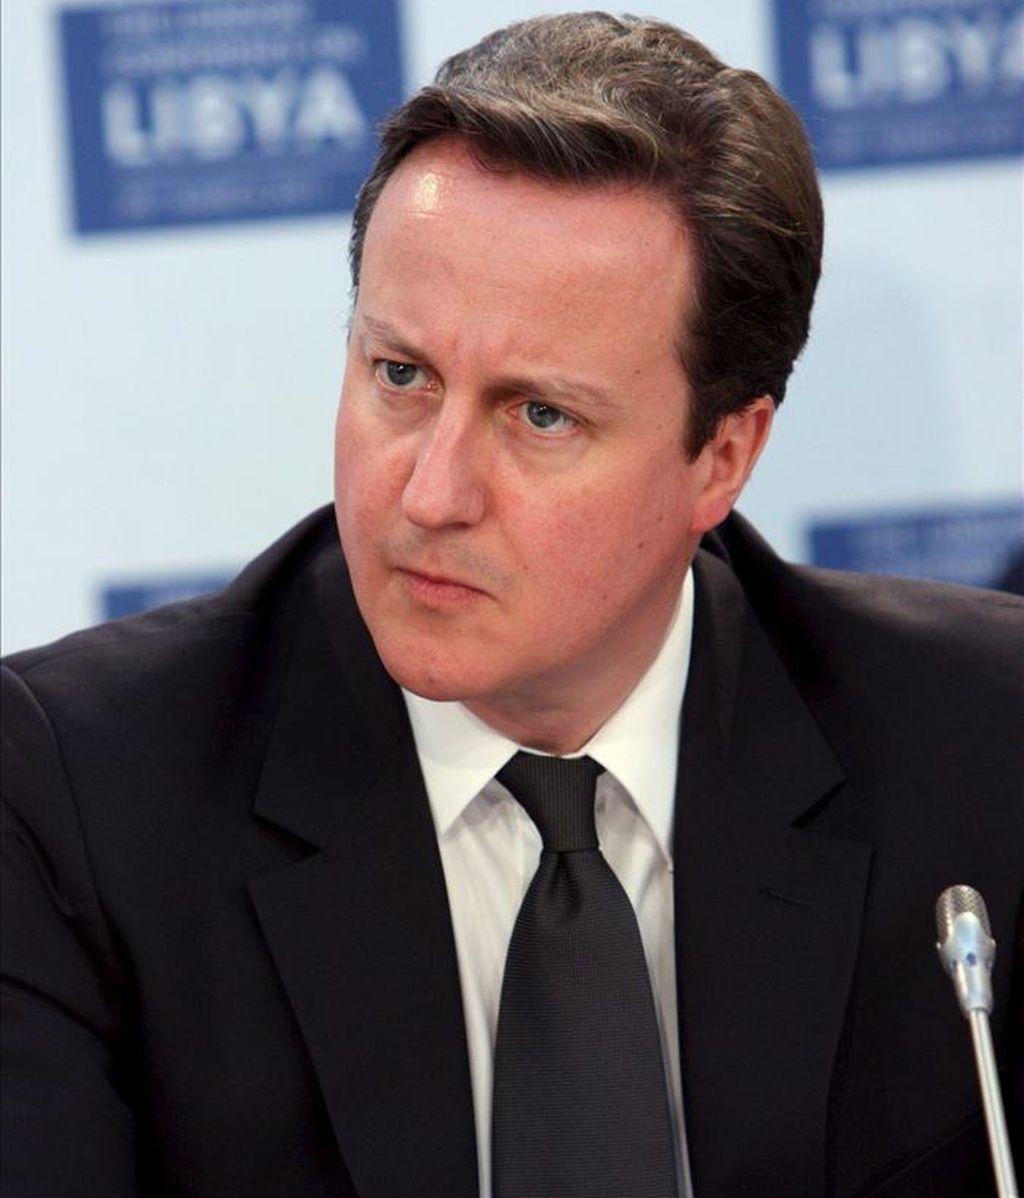 Fotografía cedida por el Ministerio británico de Asuntos Exteriores del primer ministro británico, David Cameron. EFE/Archivo